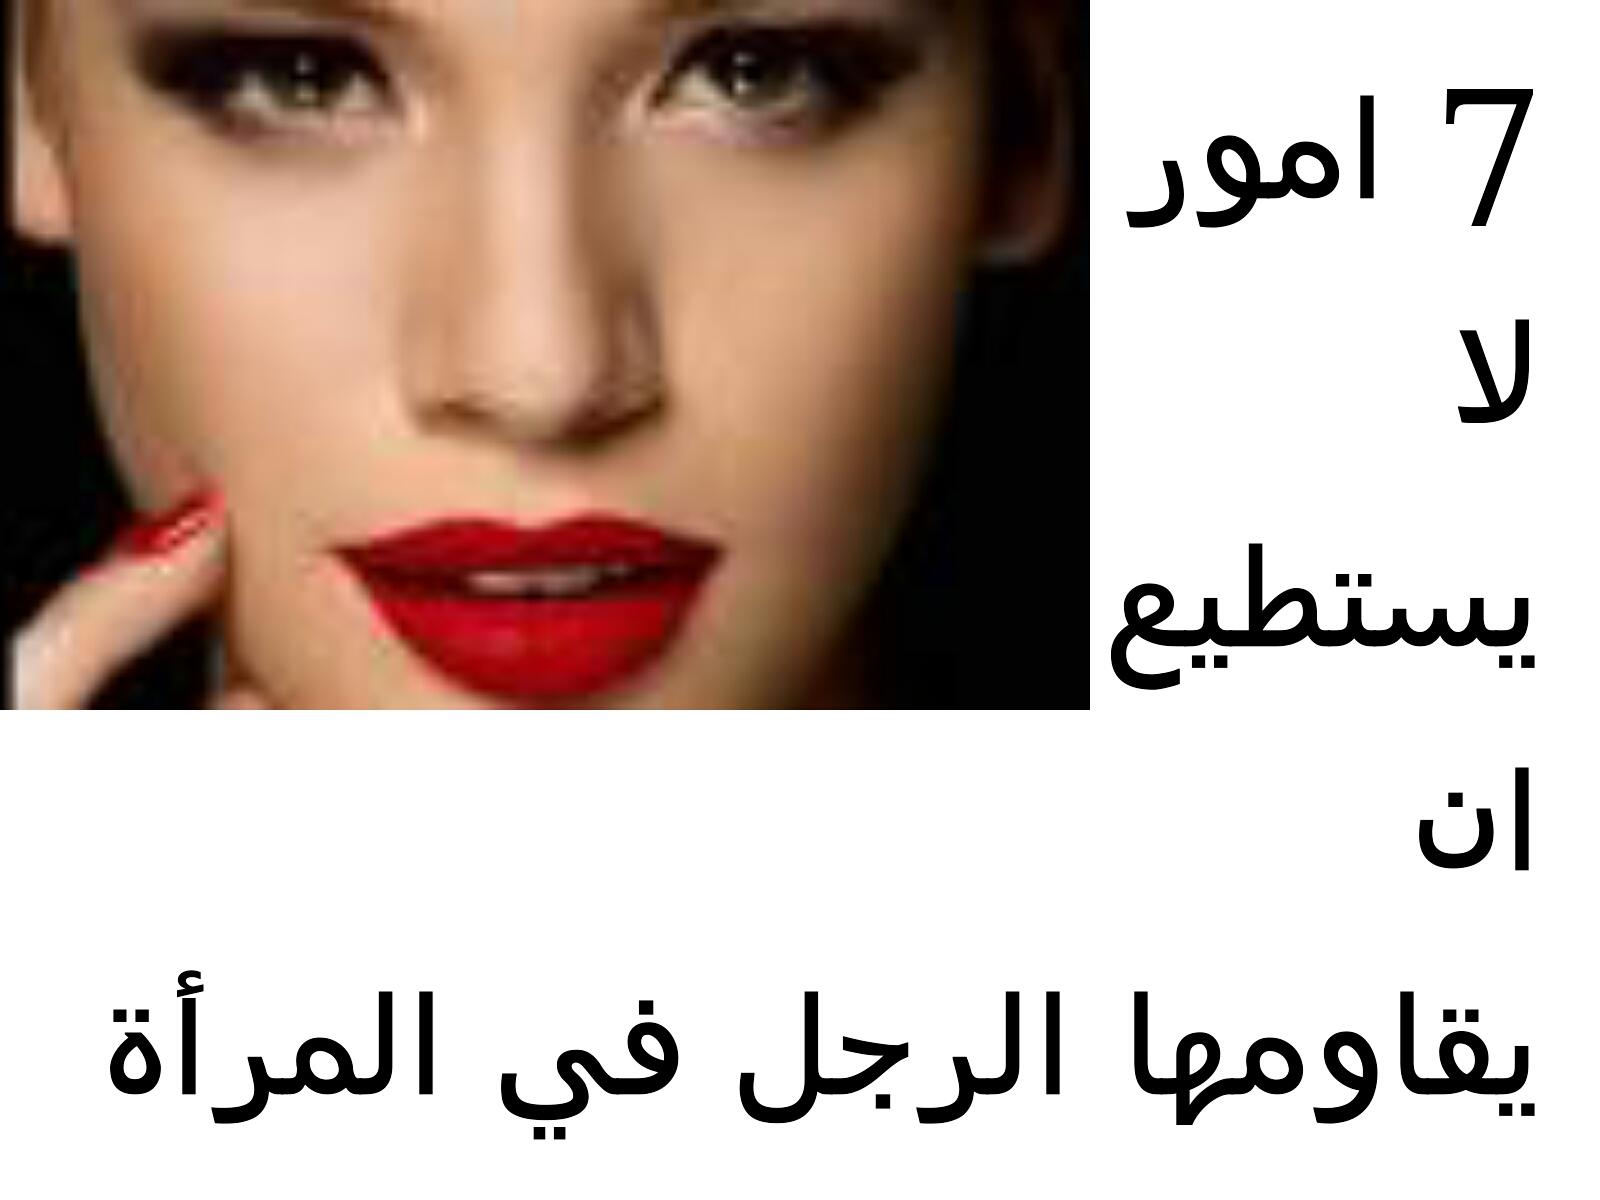 بالصور ماذا يحب الرجل في المراة , اشياء يفضلها الرجل في المراة 3809 2